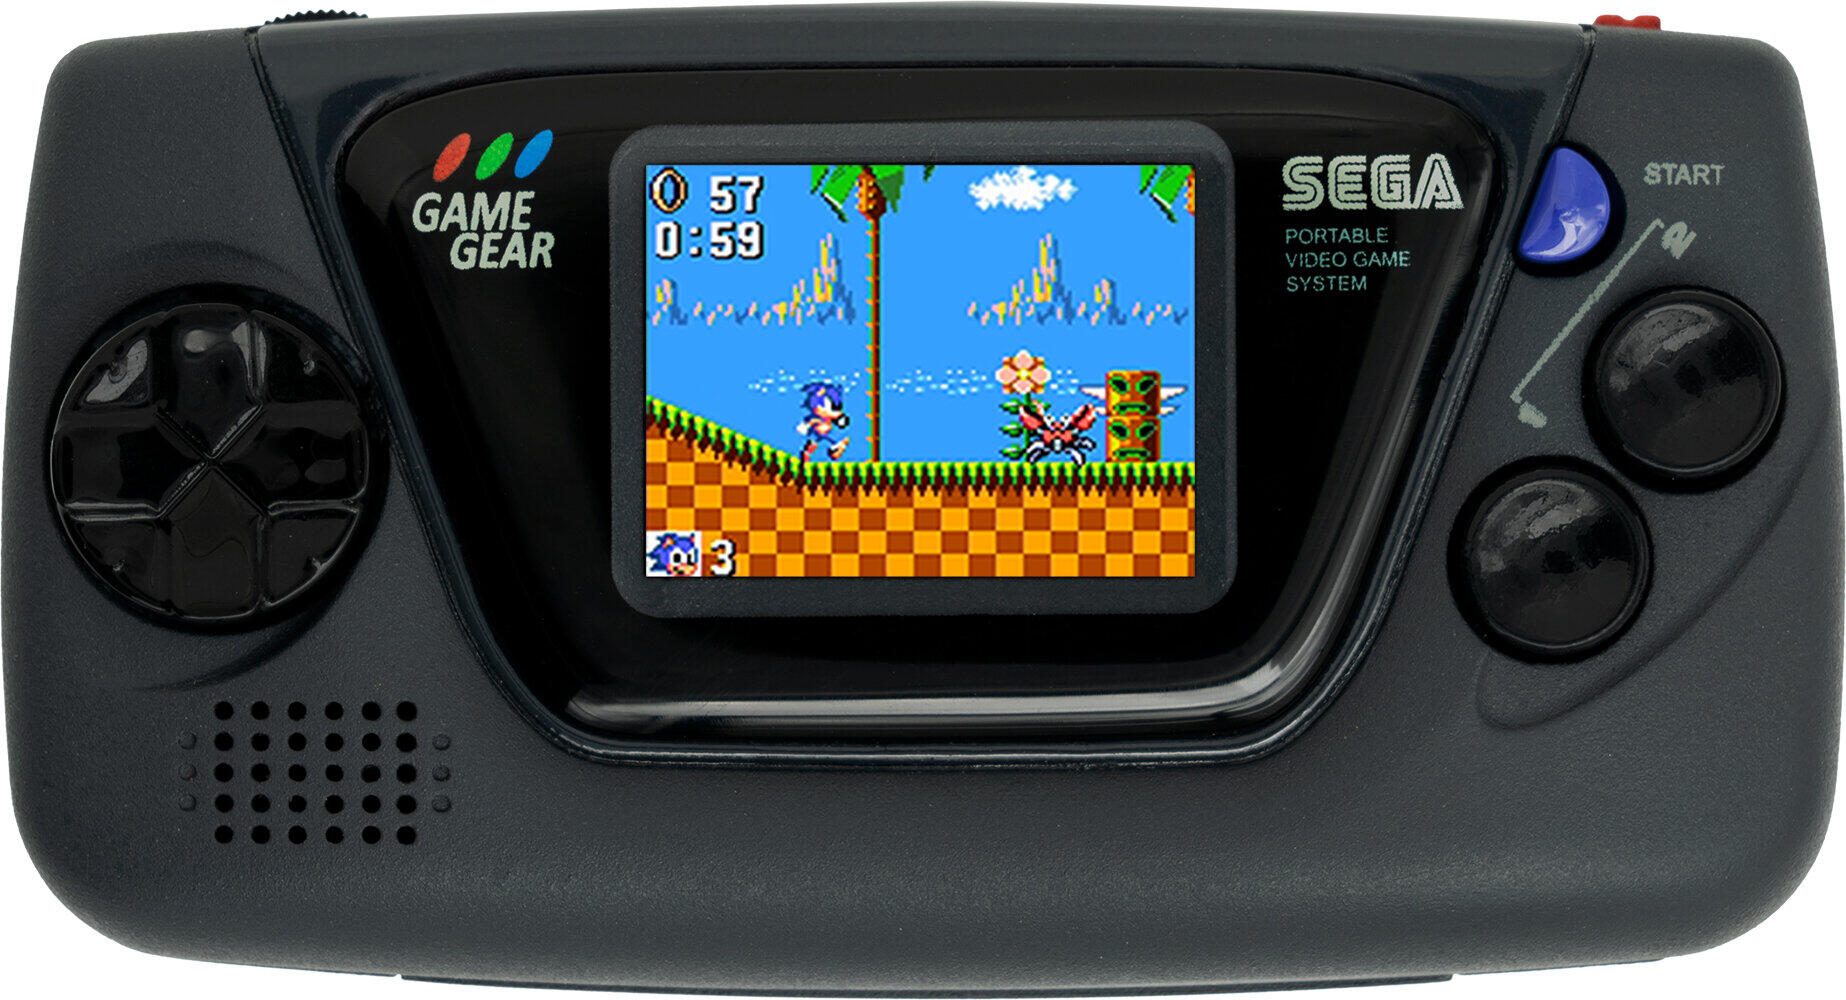 セガ唯一の携帯ゲーム機「ゲームギア」が令和時代に帰ってきた